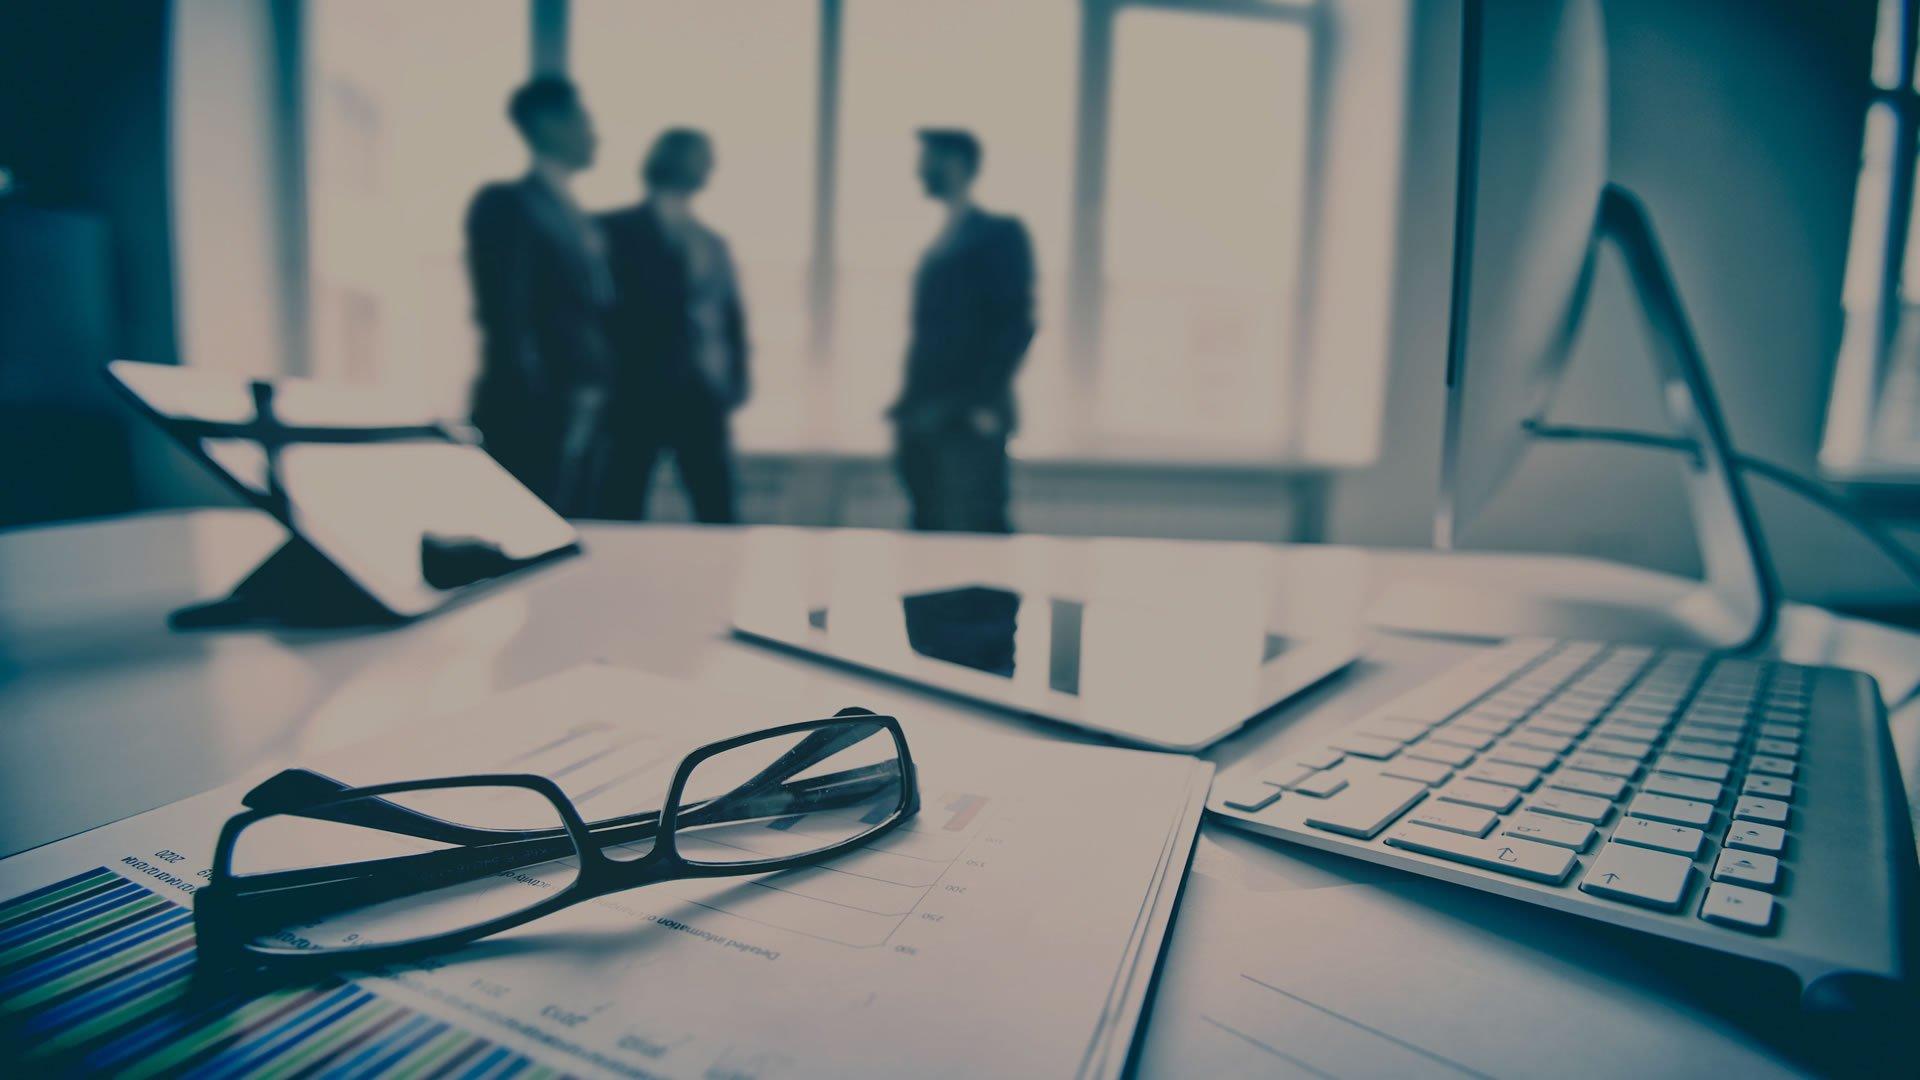 علت نیاز کارآفرینان به یک کسب و کار پر سود و ۱۲ رقمی چیست؟